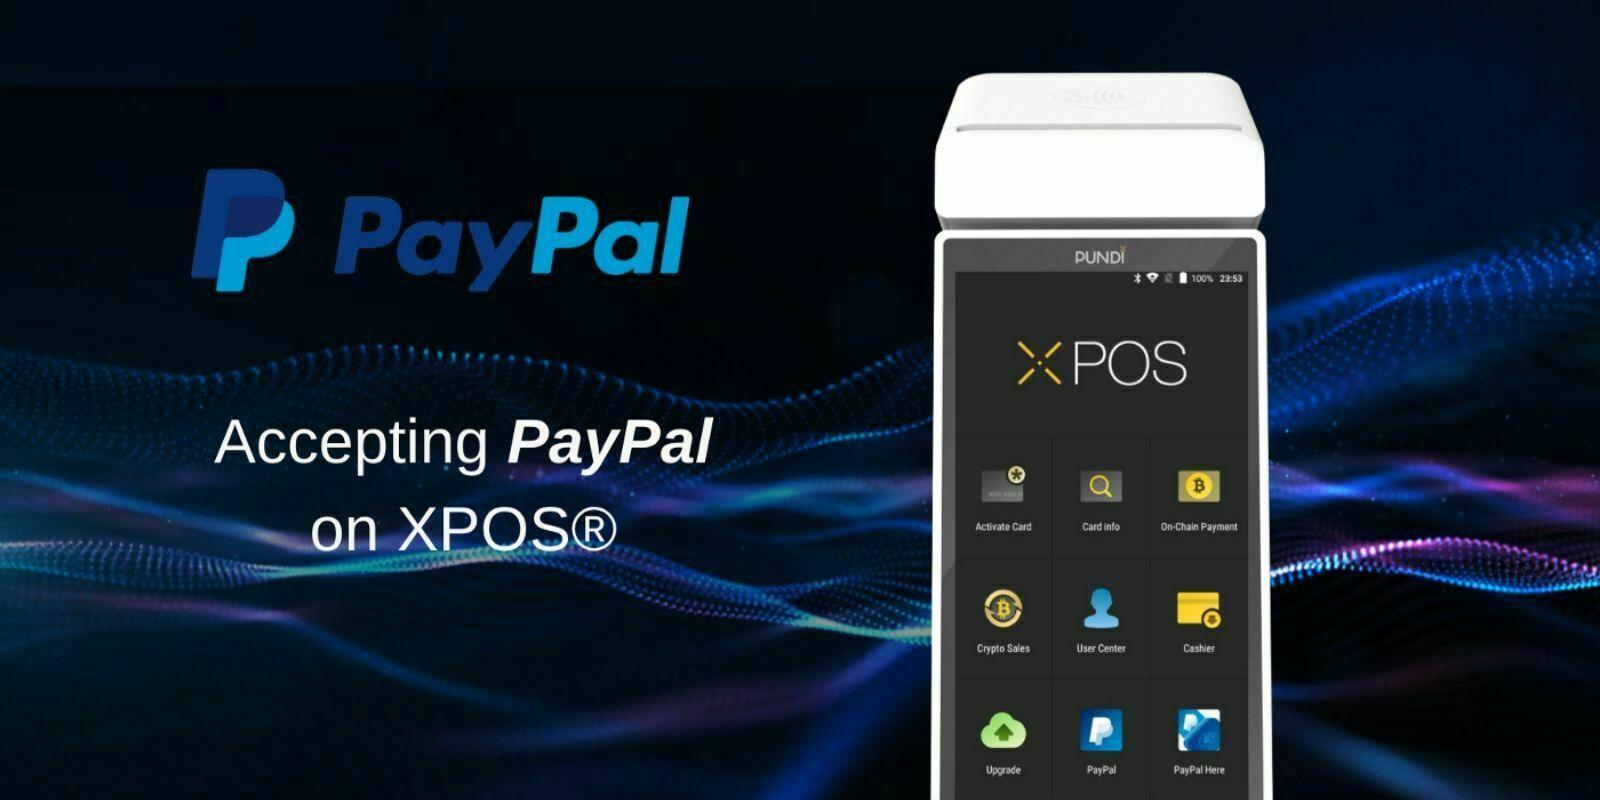 Pundi X supporte désormais PayPal sur ses terminaux de paiement XPOS